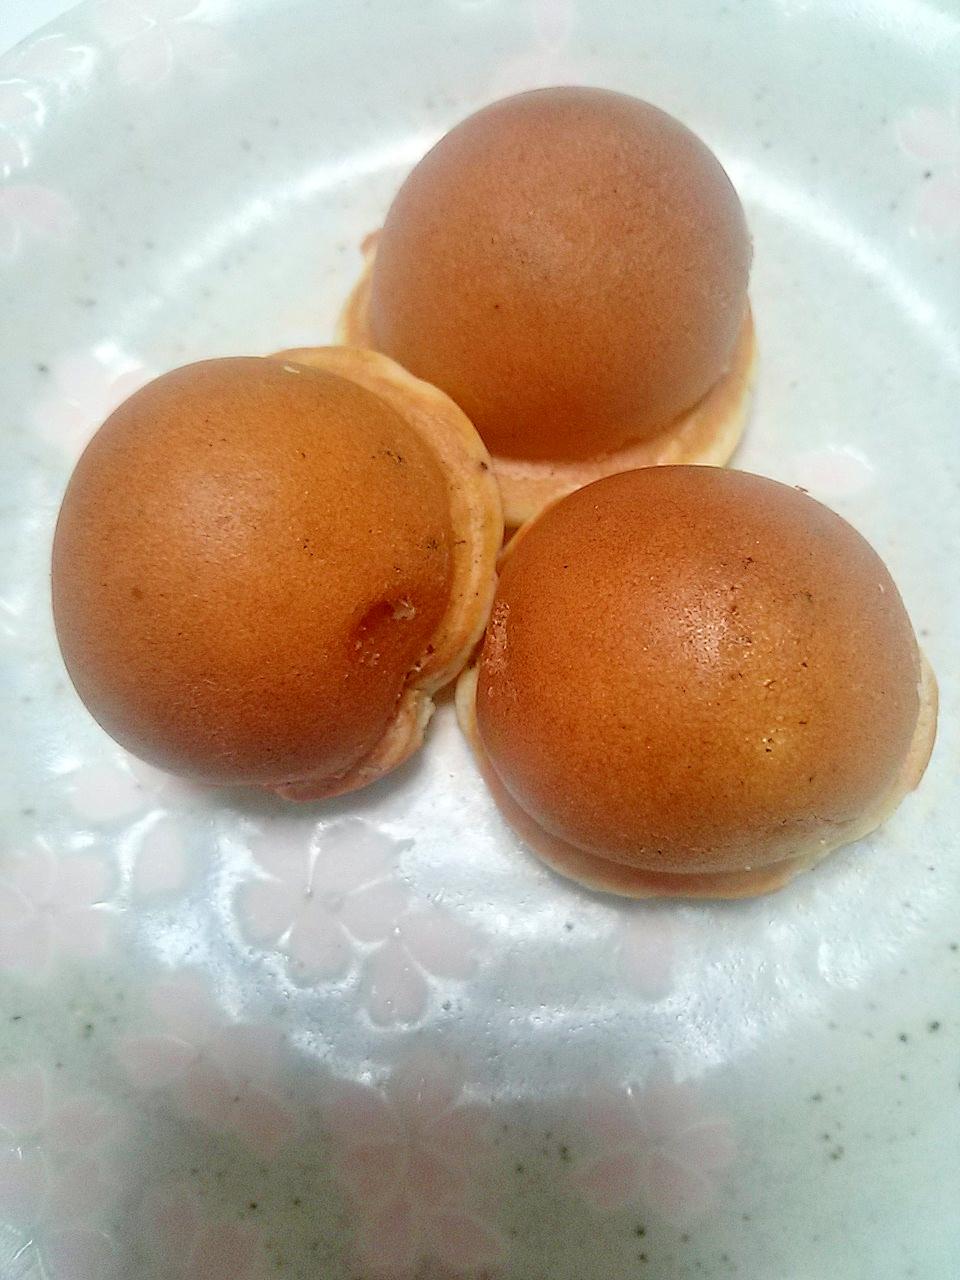 たこ焼き器de!カスタード☆ごまプチホットケーキ